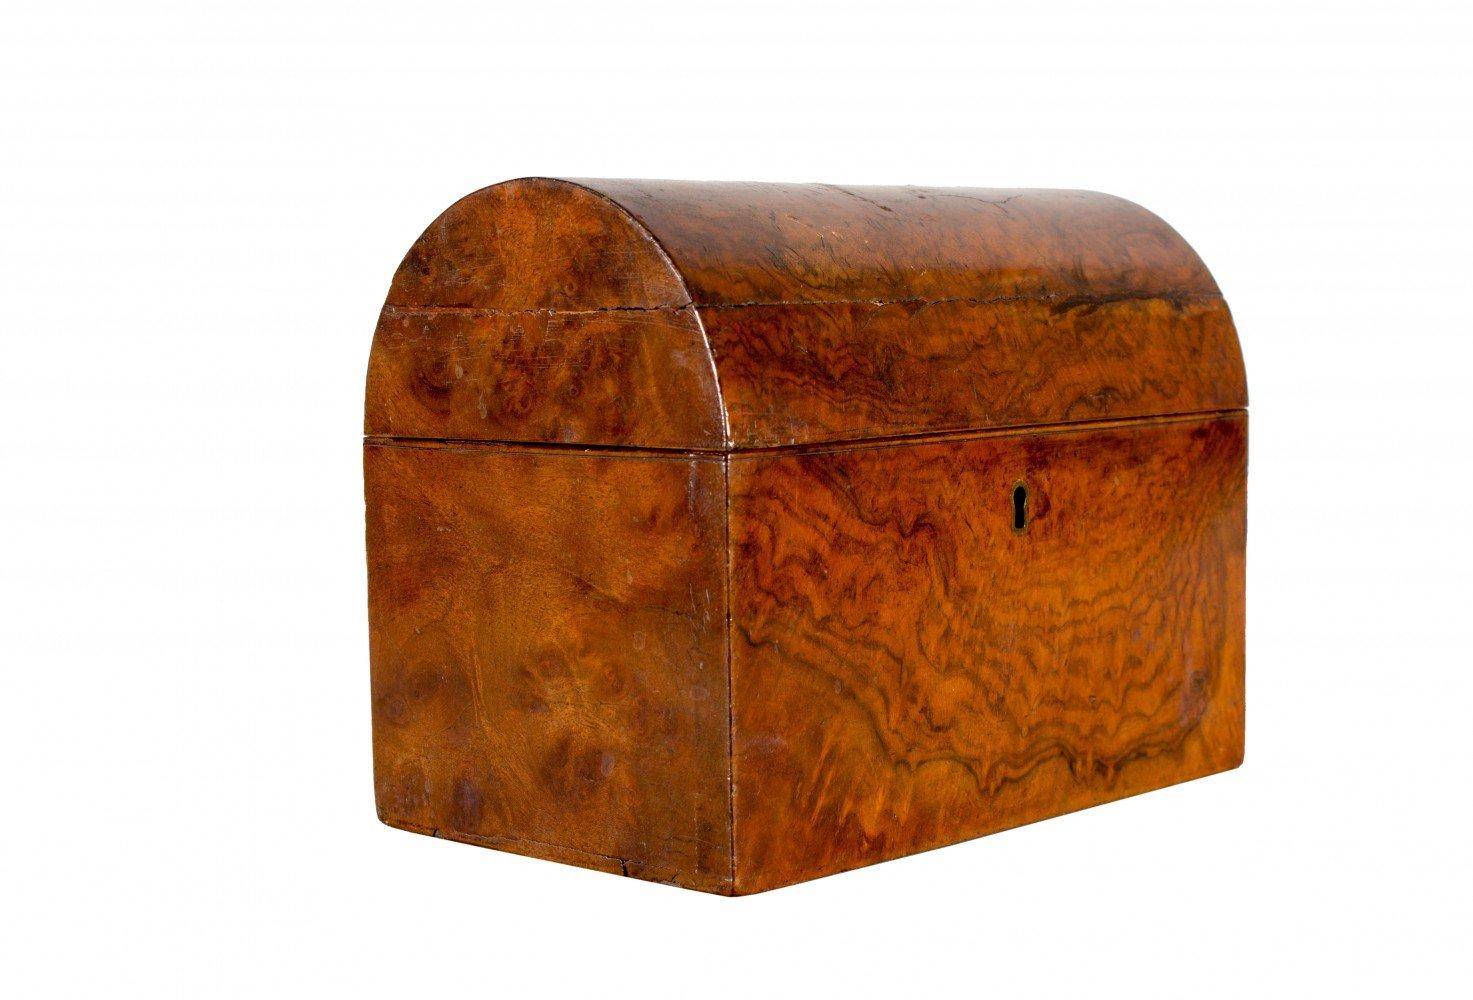 Burl Wood Decorative Arts: